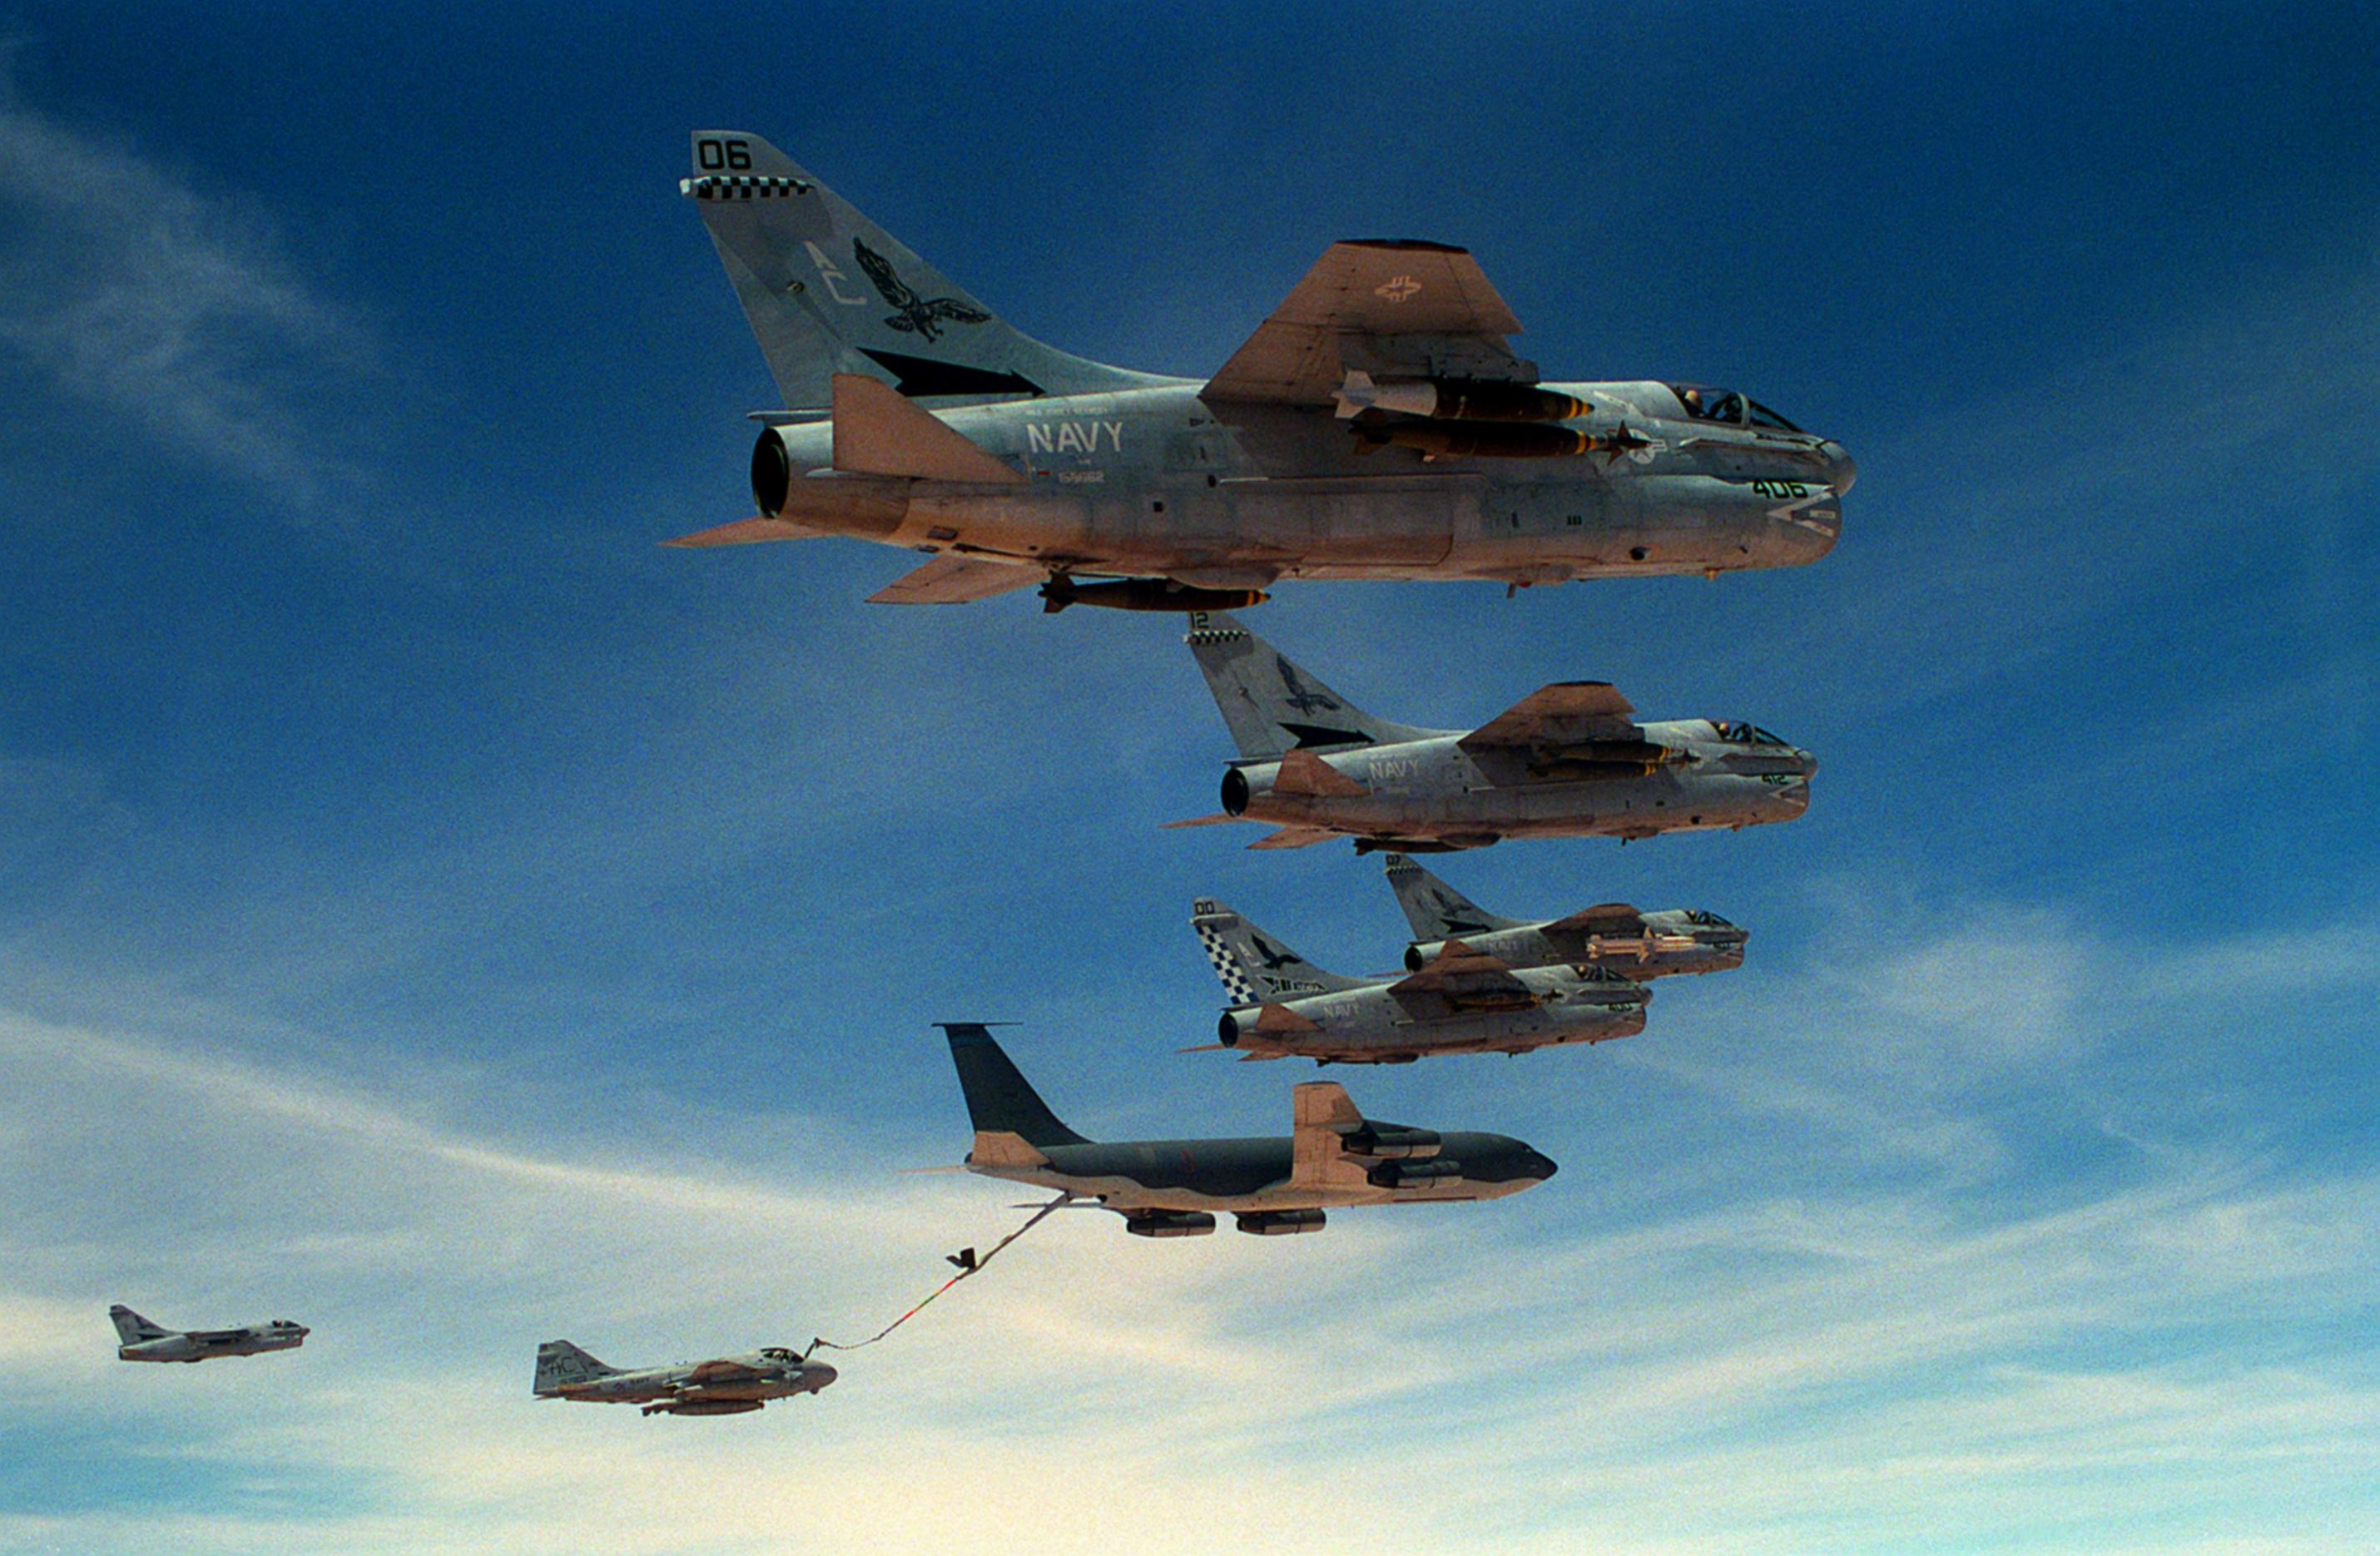 Filea 7es a 6e refueling from kc 135e gulf war 1991eg filea 7es a 6e refueling from kc 135e gulf war 1991 sciox Image collections